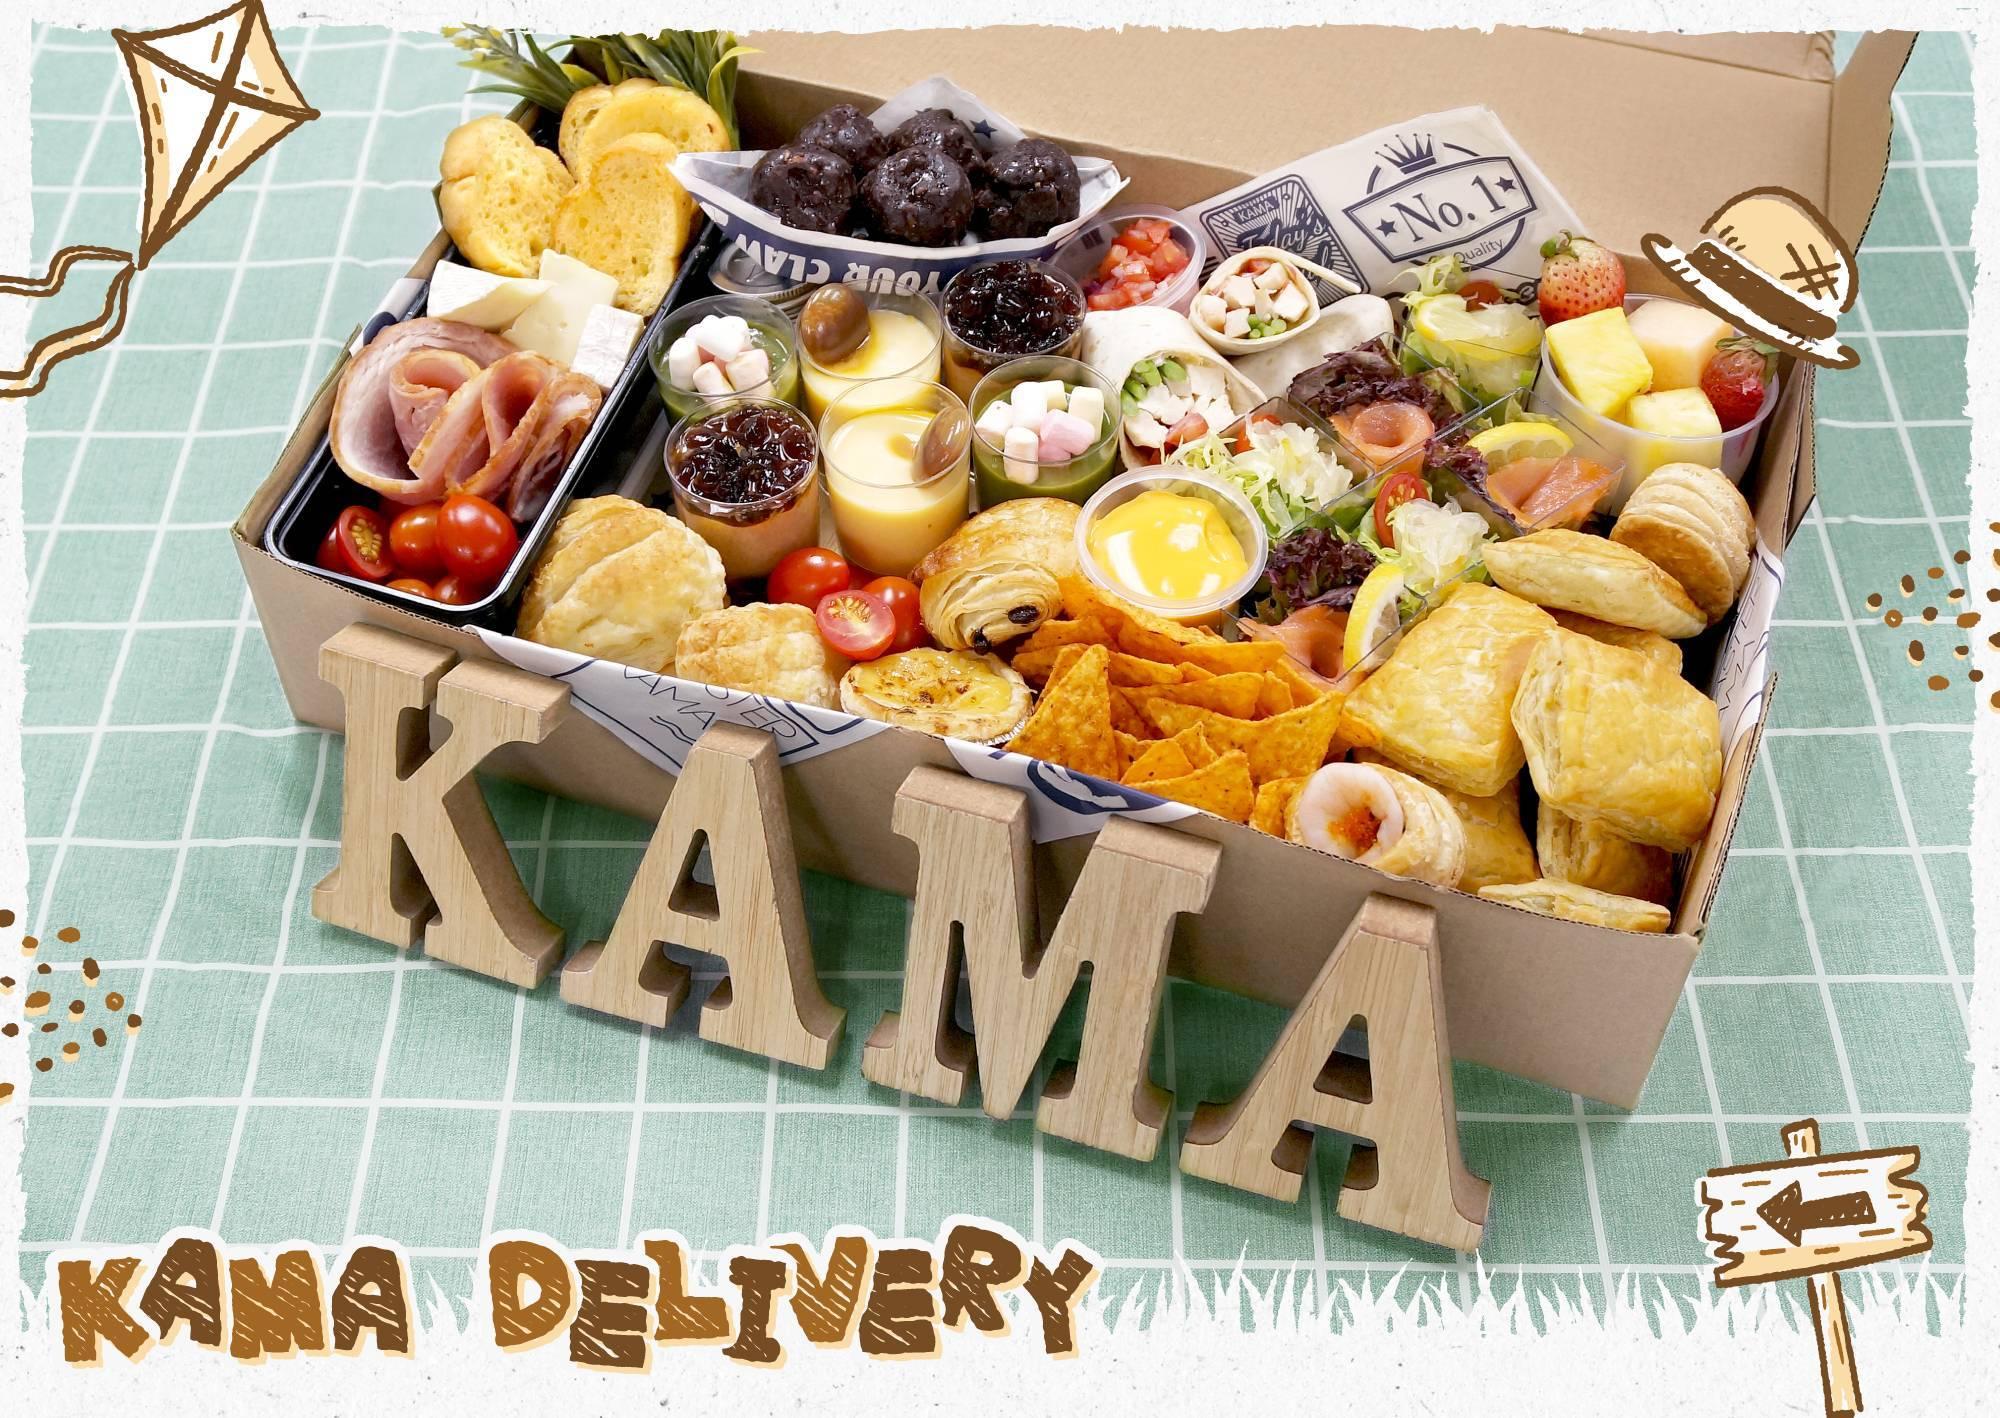 馬料水到會外賣推介|Kama Delivery為大埔馬料水提供一站式到會外賣服務,網上直接預訂並享有回贈購物金優惠!